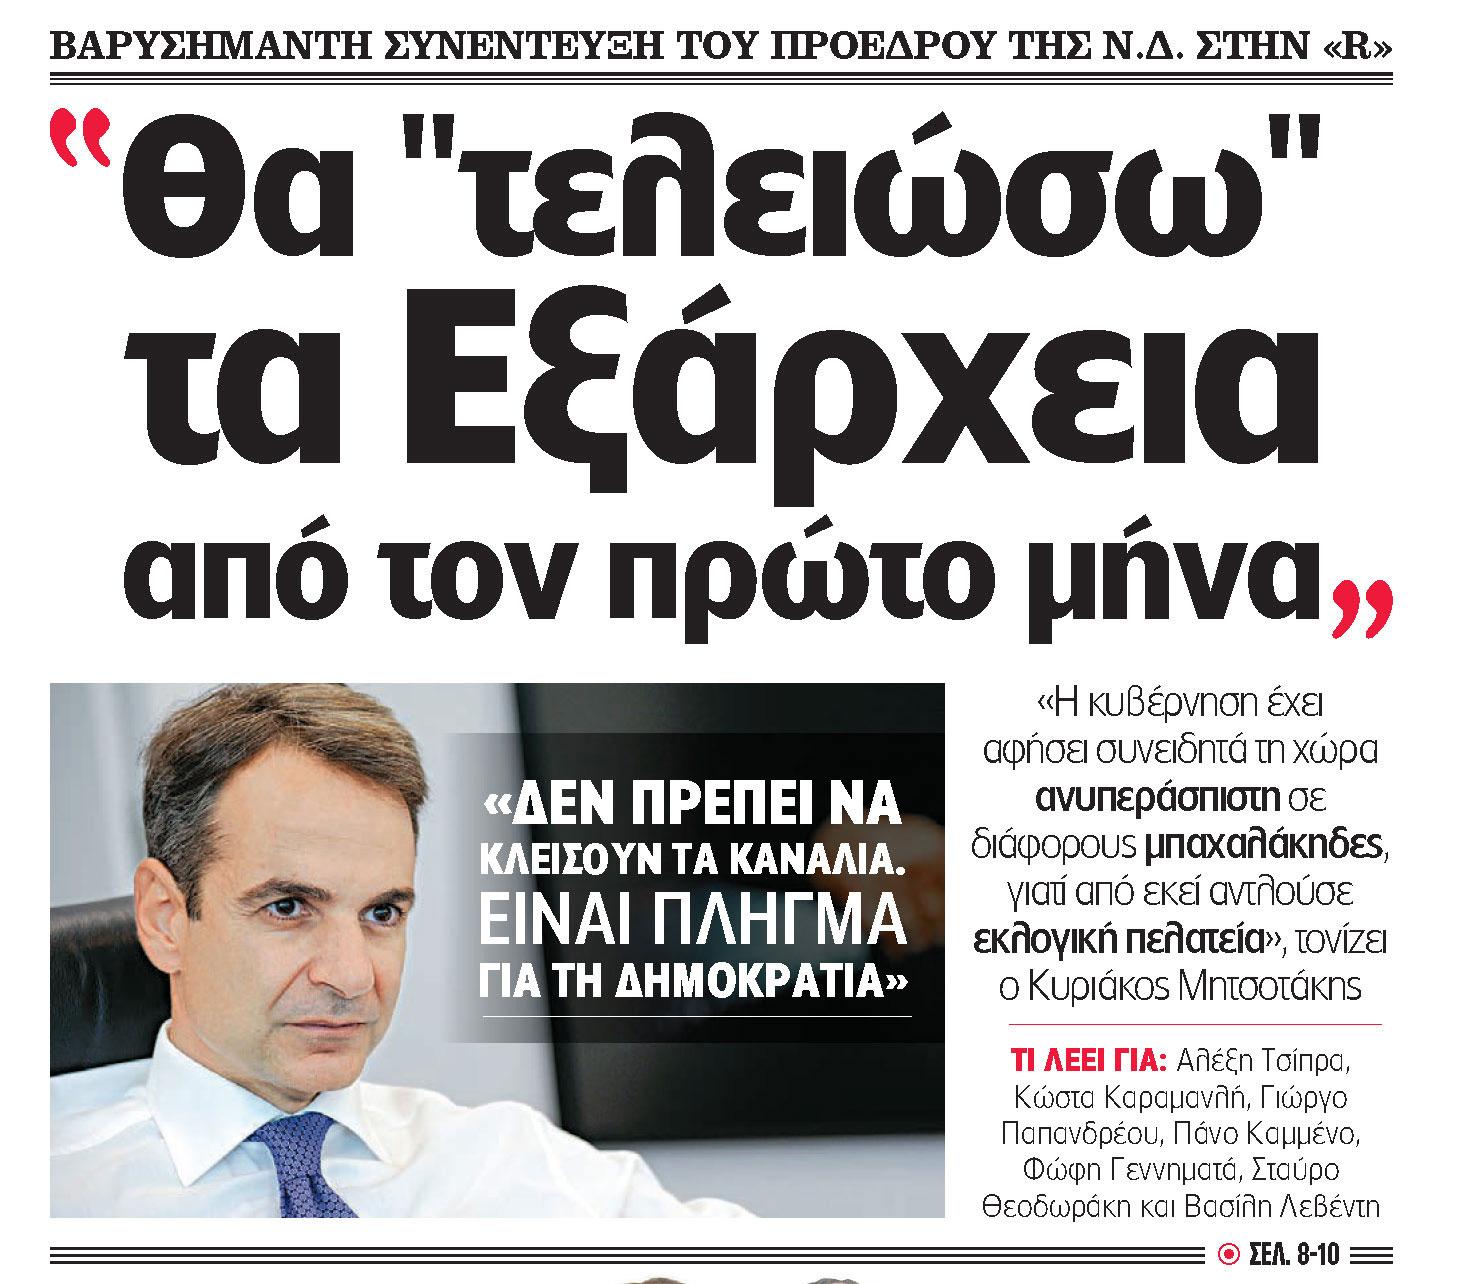 kyriakos-eksarxeia